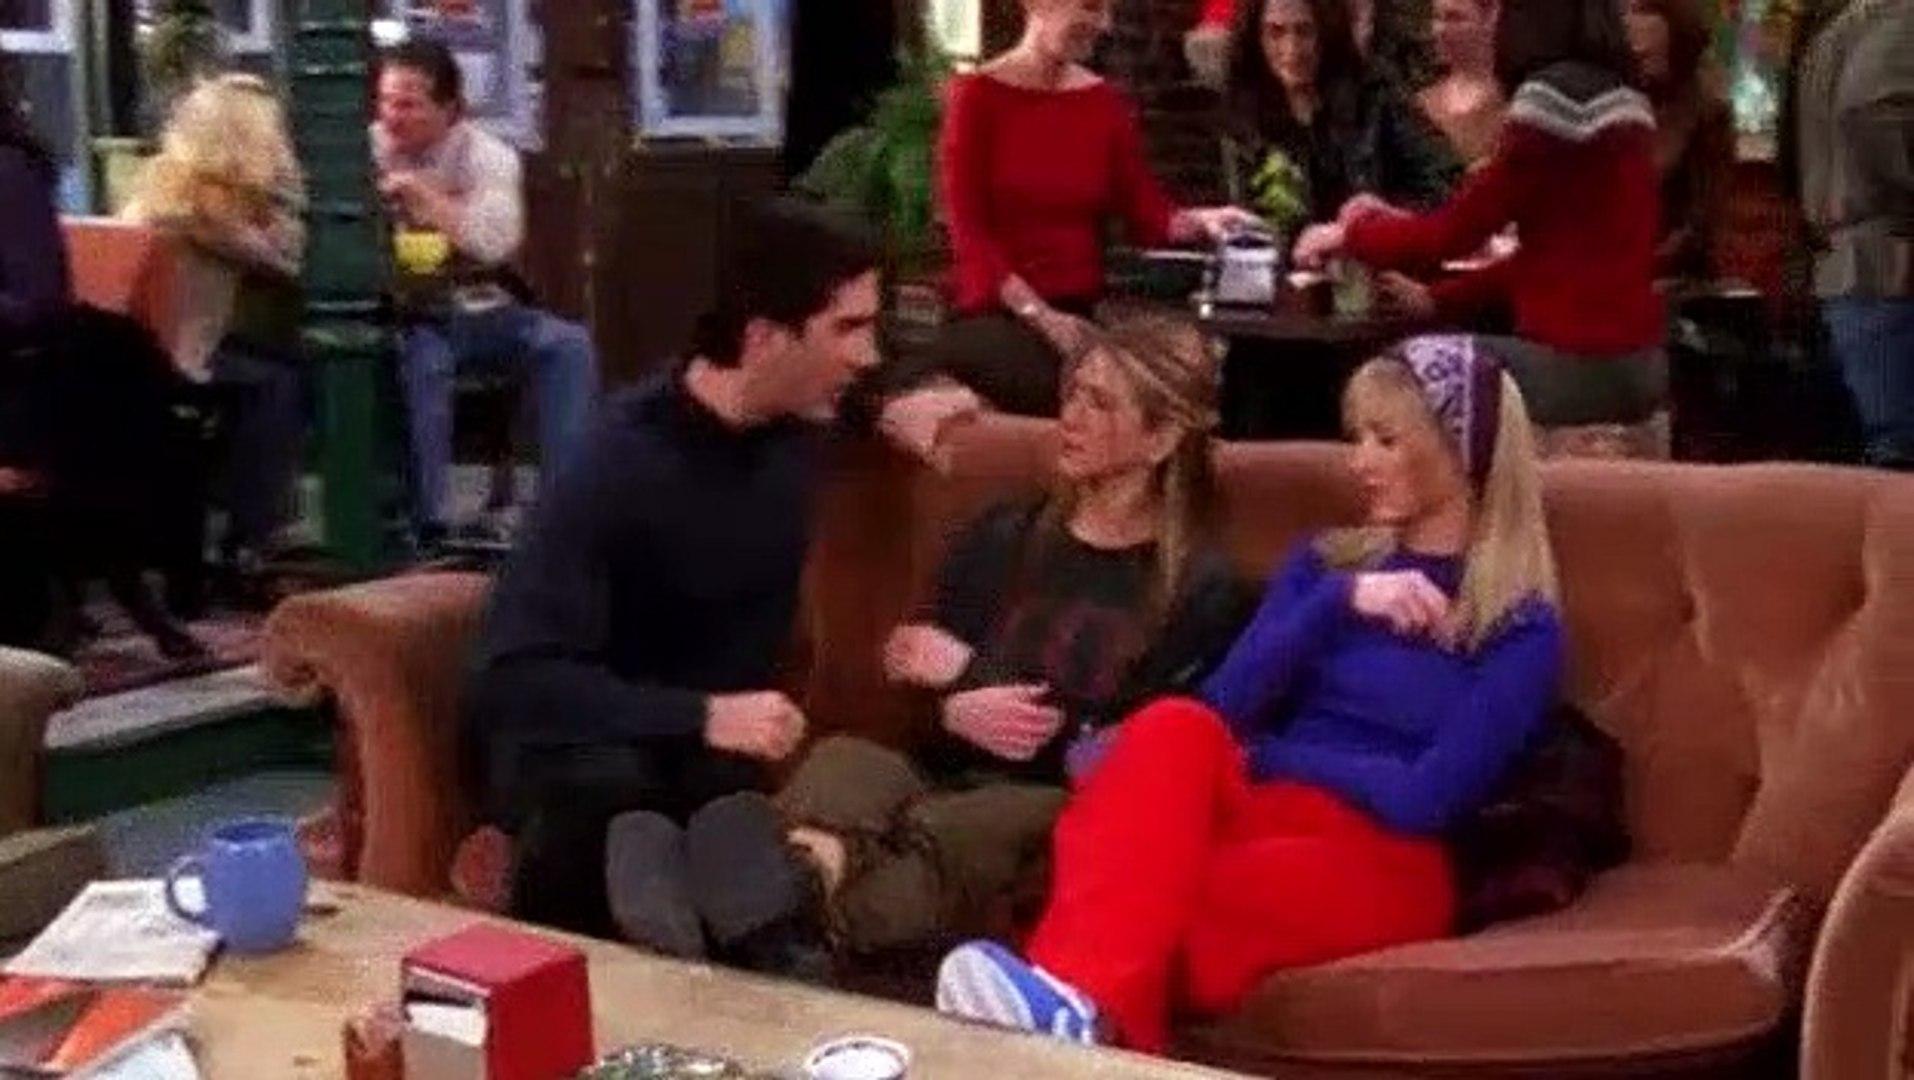 Friends S06E17 The One with Unagi